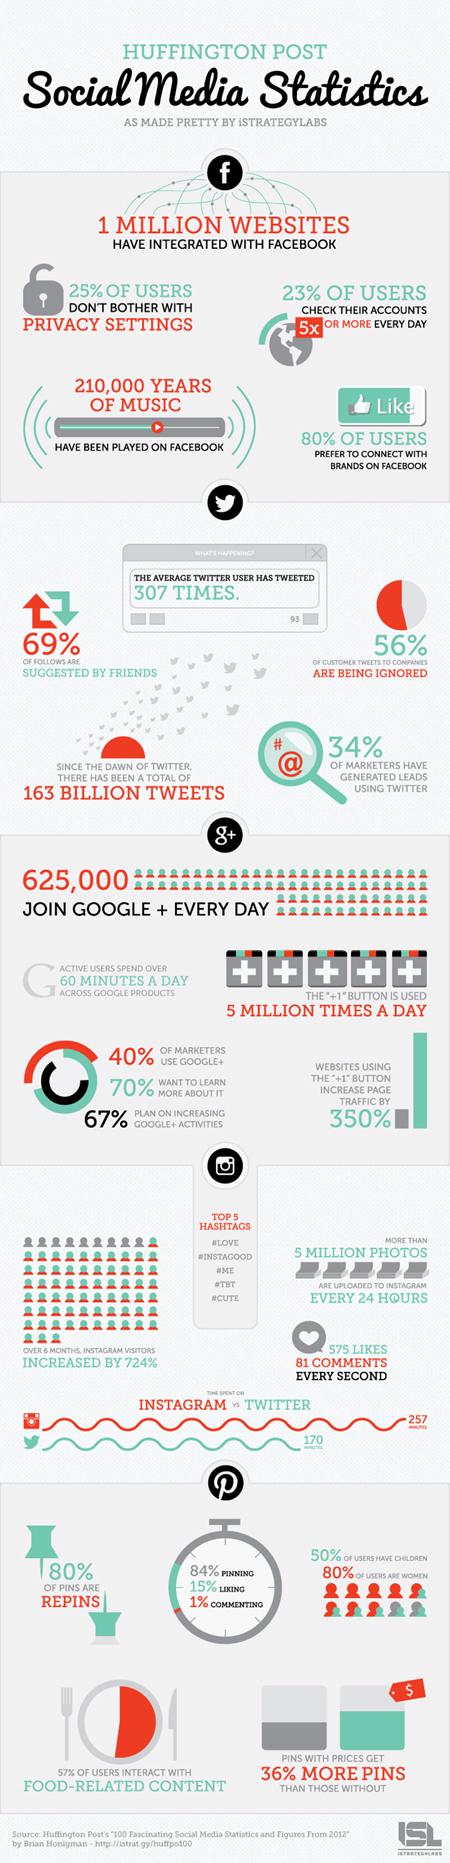 2012 : Les médias sociaux en 100 chiffres | Wall Of Frames | Scoop.it